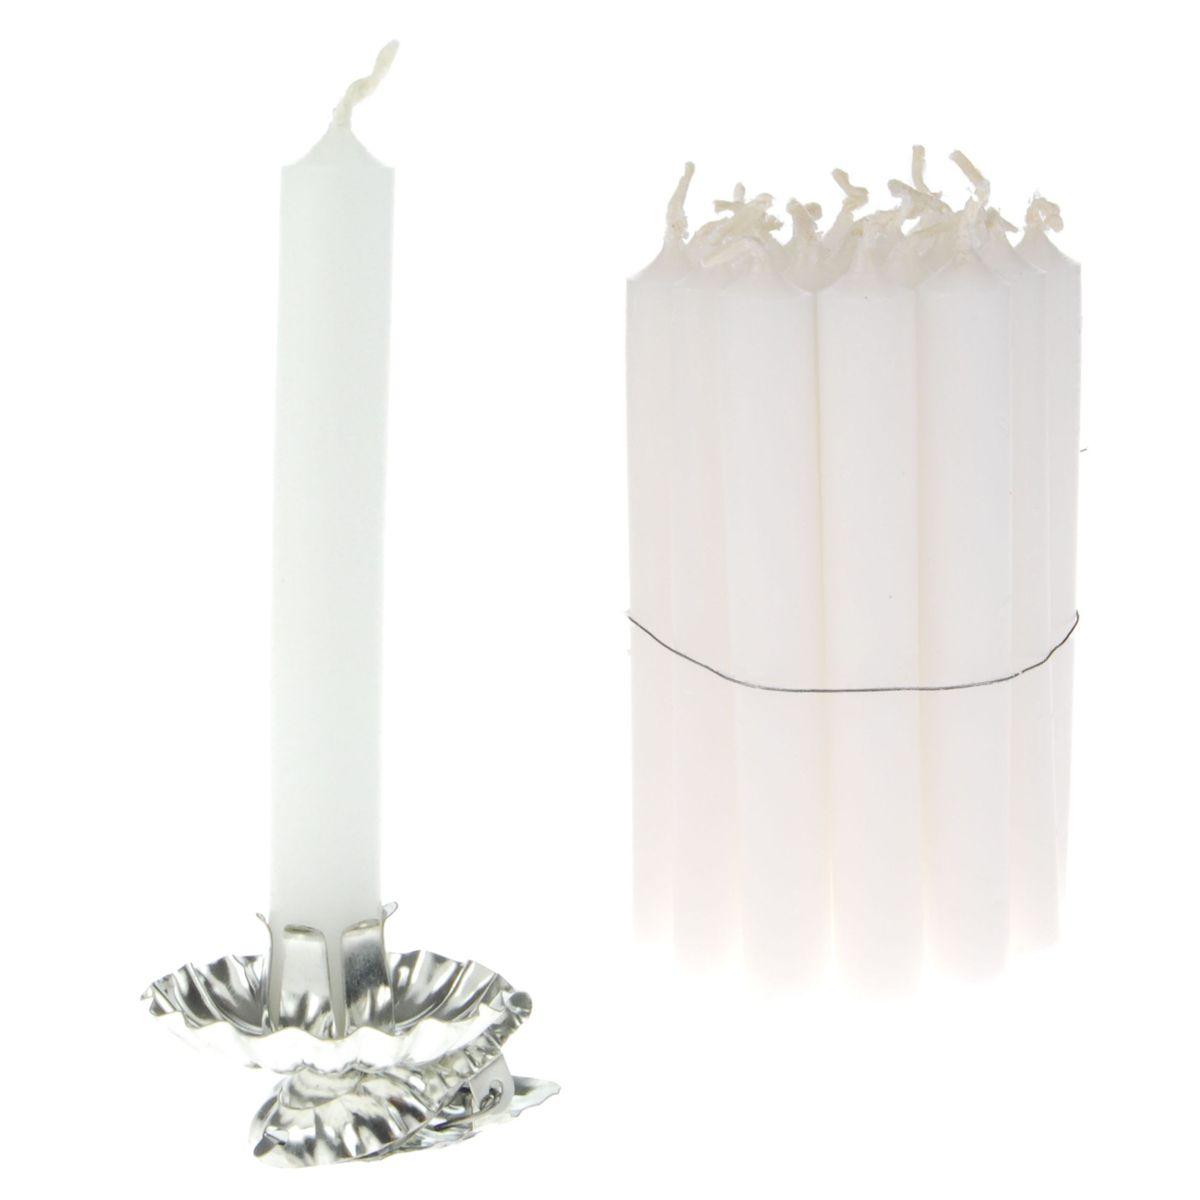 Kerzenhalter rund Weiß//Silber Ø 12 cm für Kommunionskerzen Taufkerzen,Hochzeit